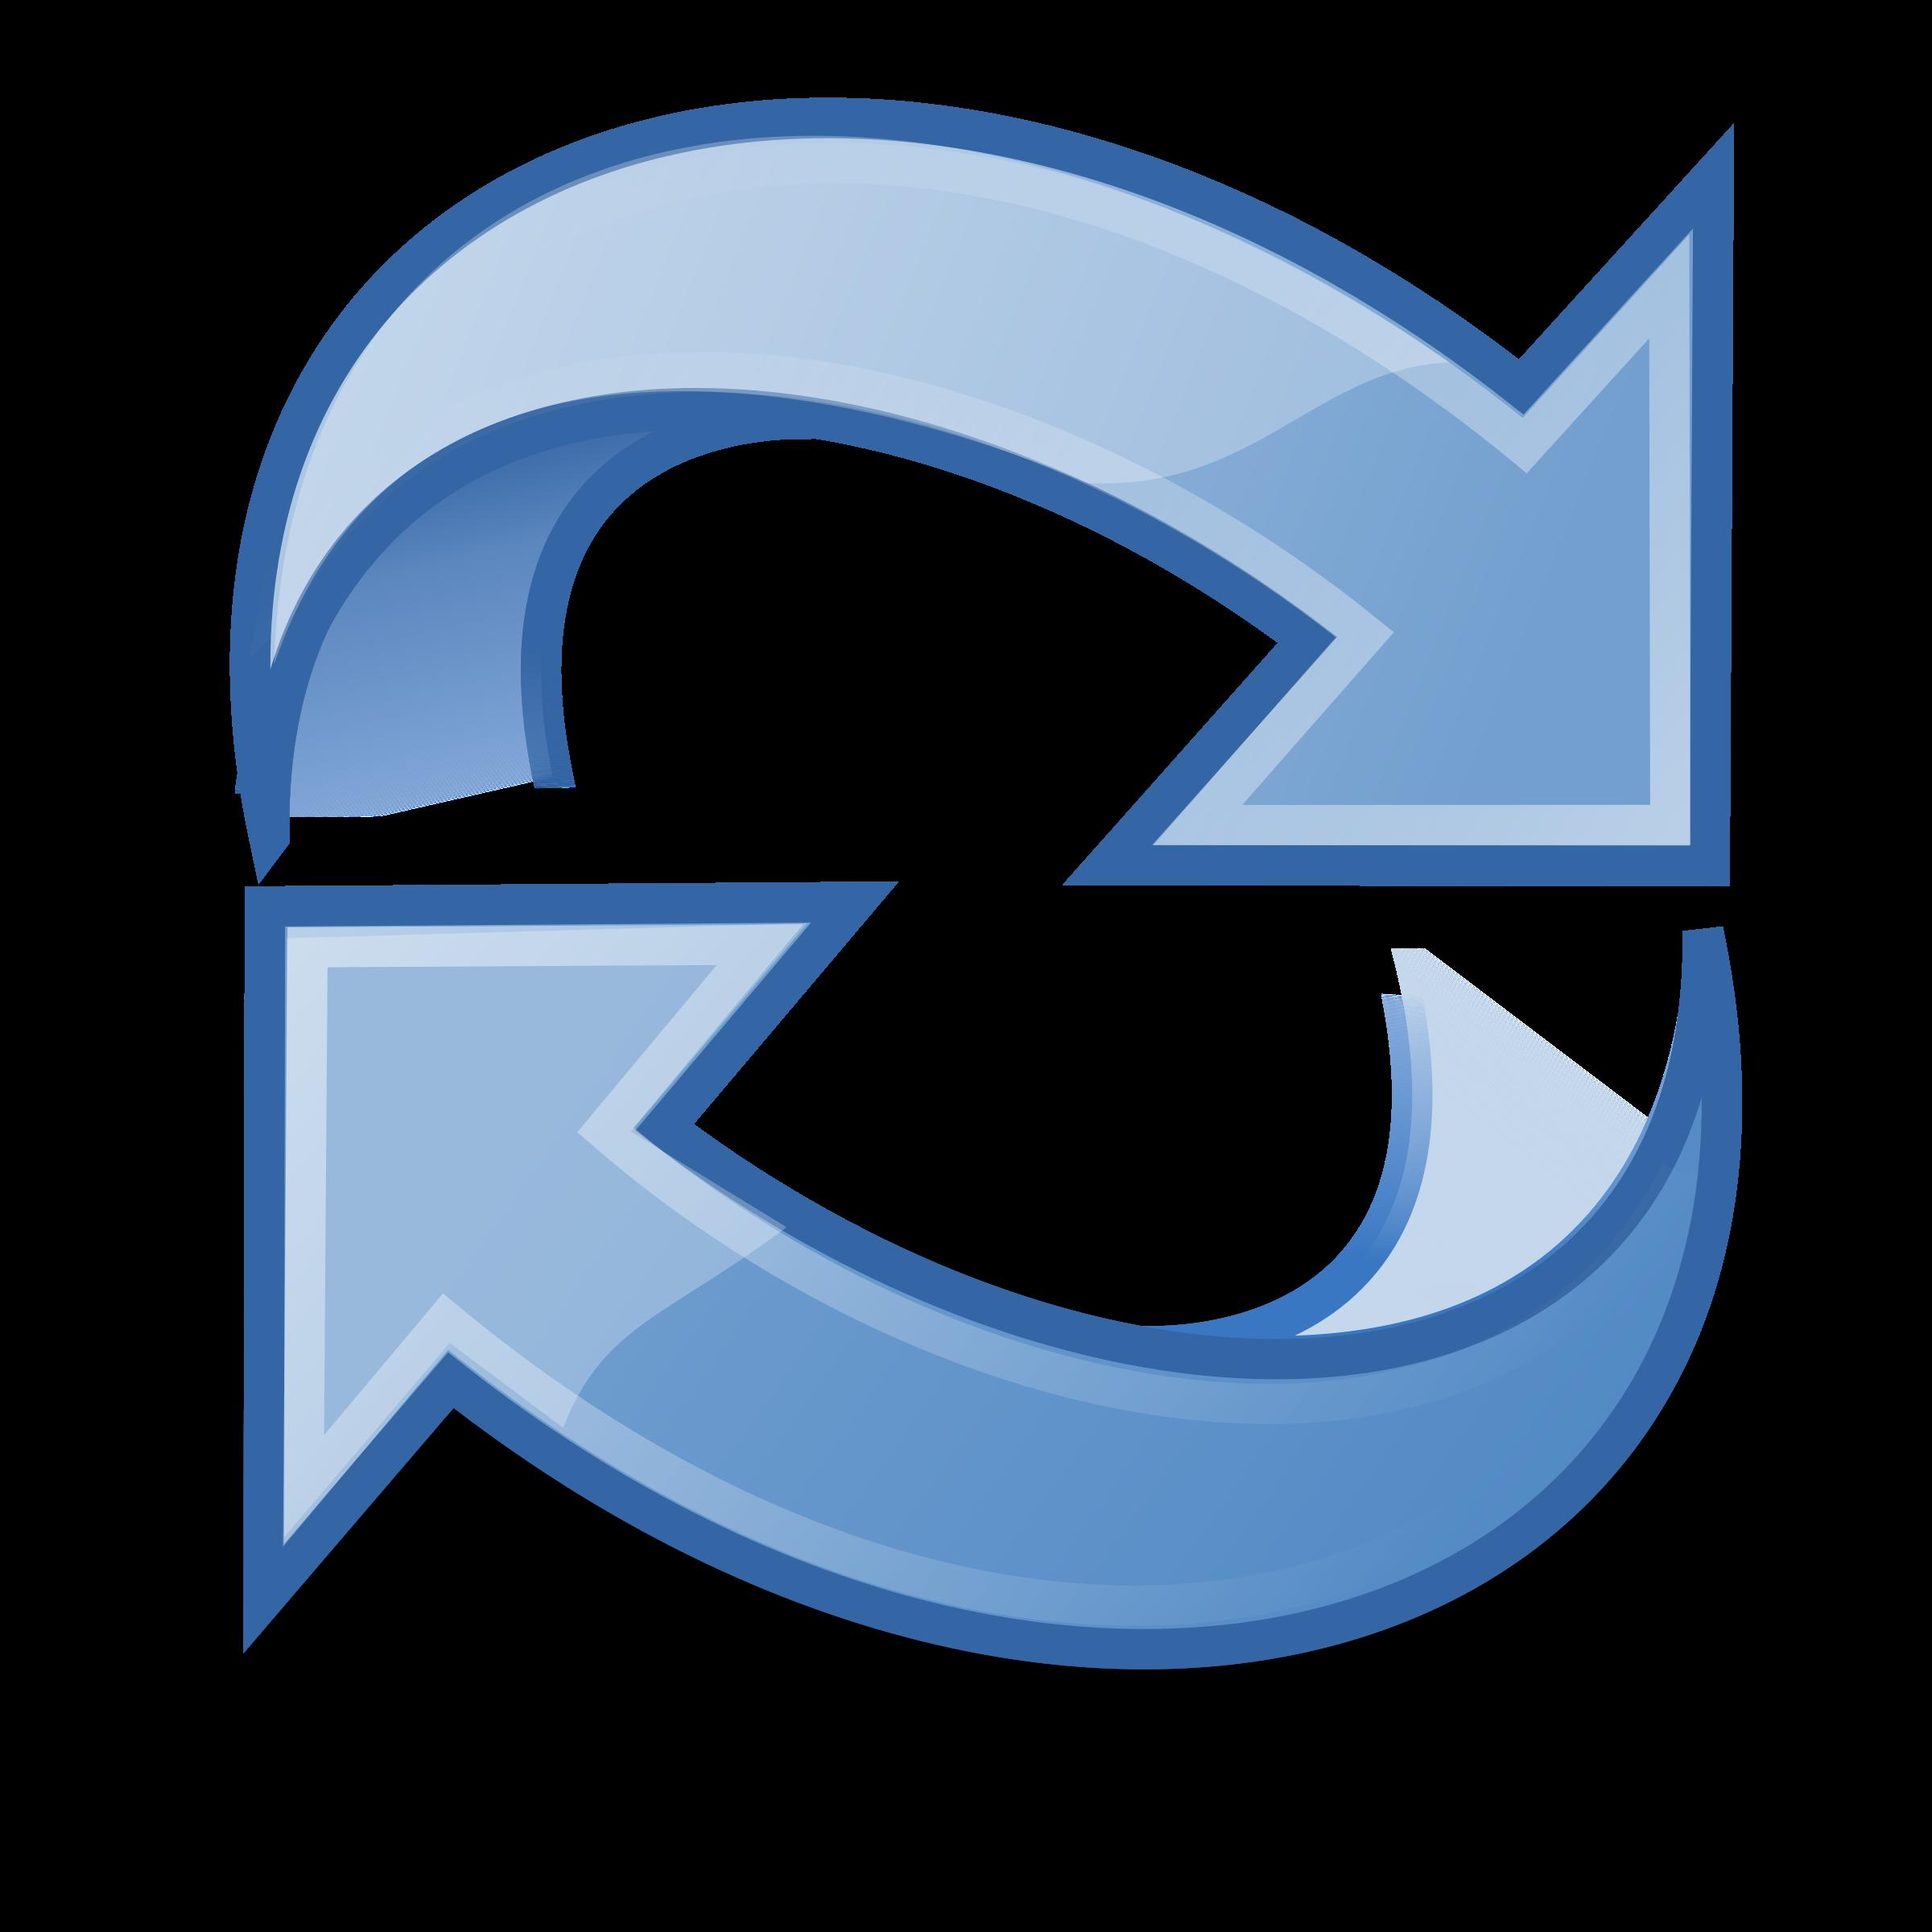 Refresh icon clip art